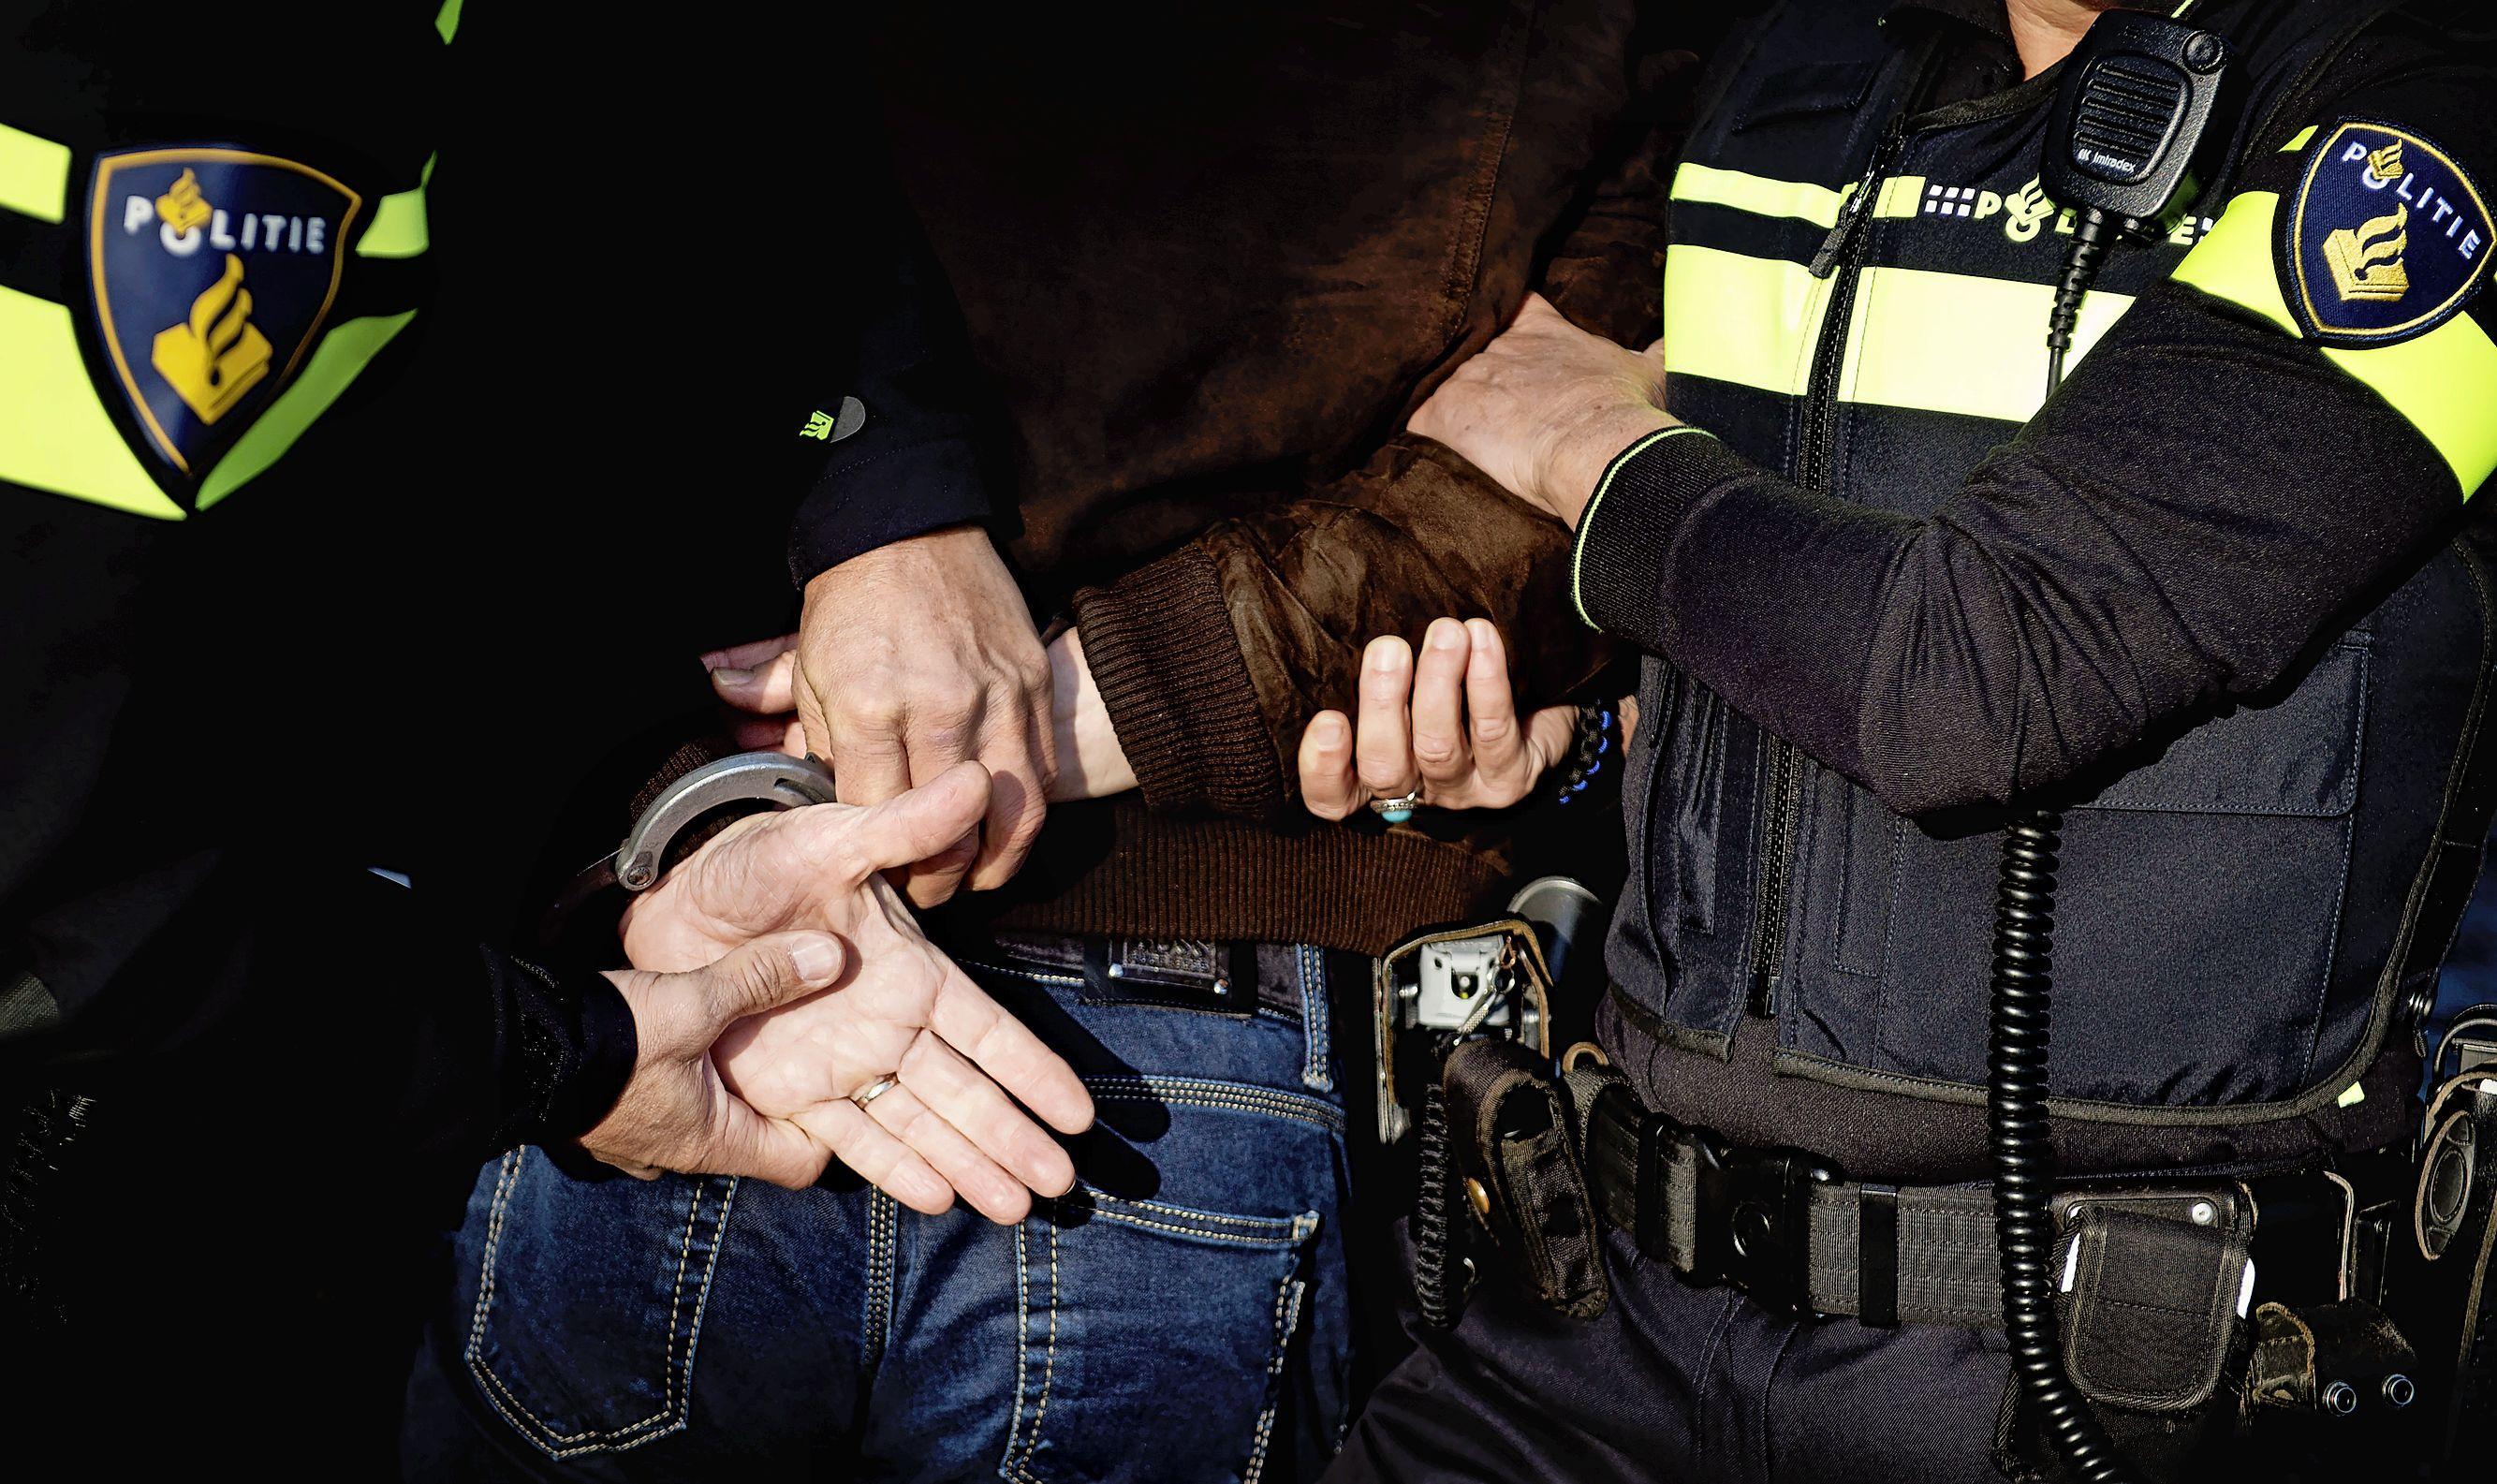 Verdachte aangehouden voor meerdere inbraken in de Bazaar en woningen in Beverwijk